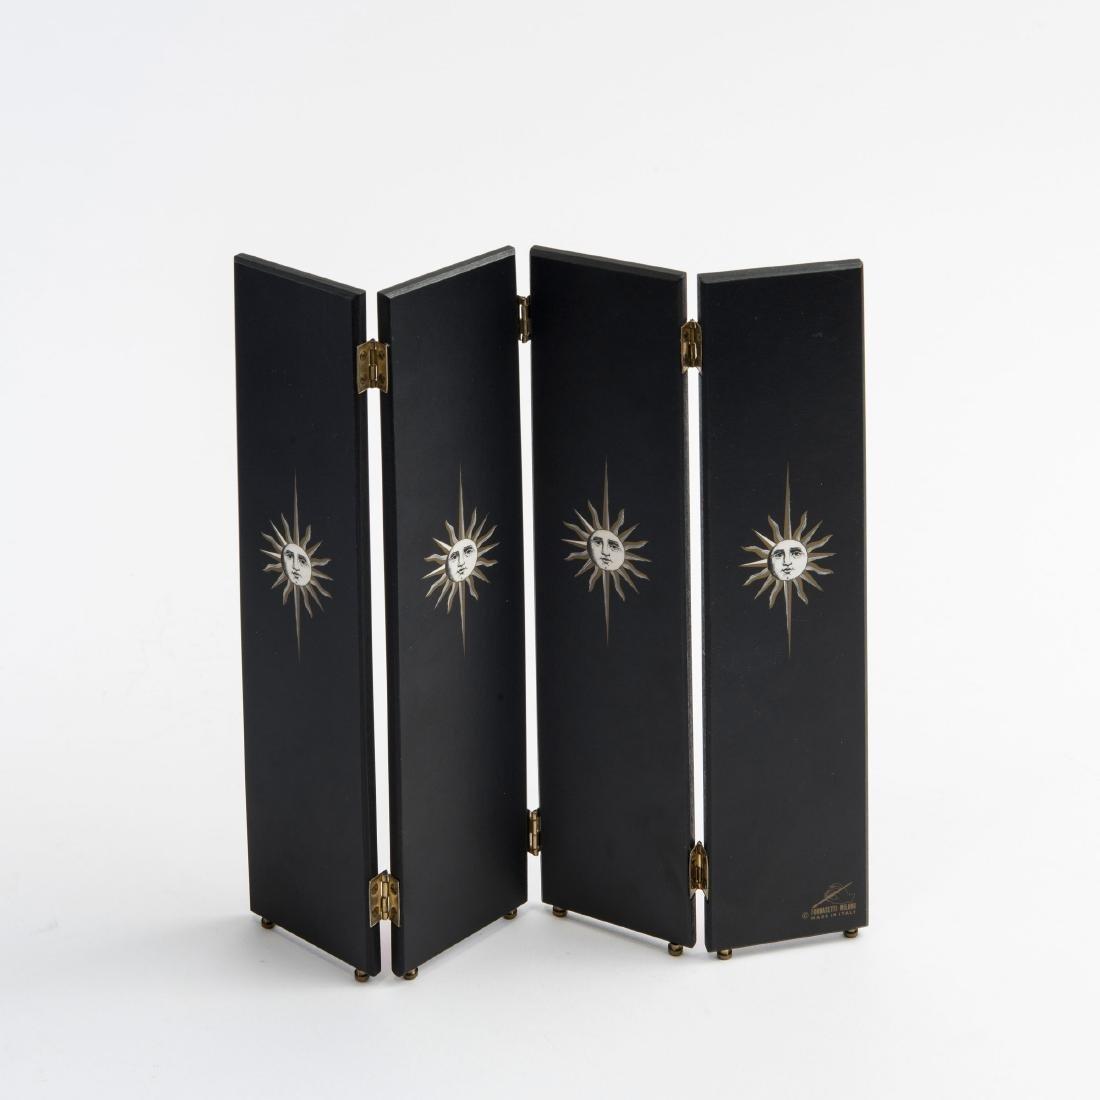 Miniature 'Strumenti musicali' screen, 1990s - 3